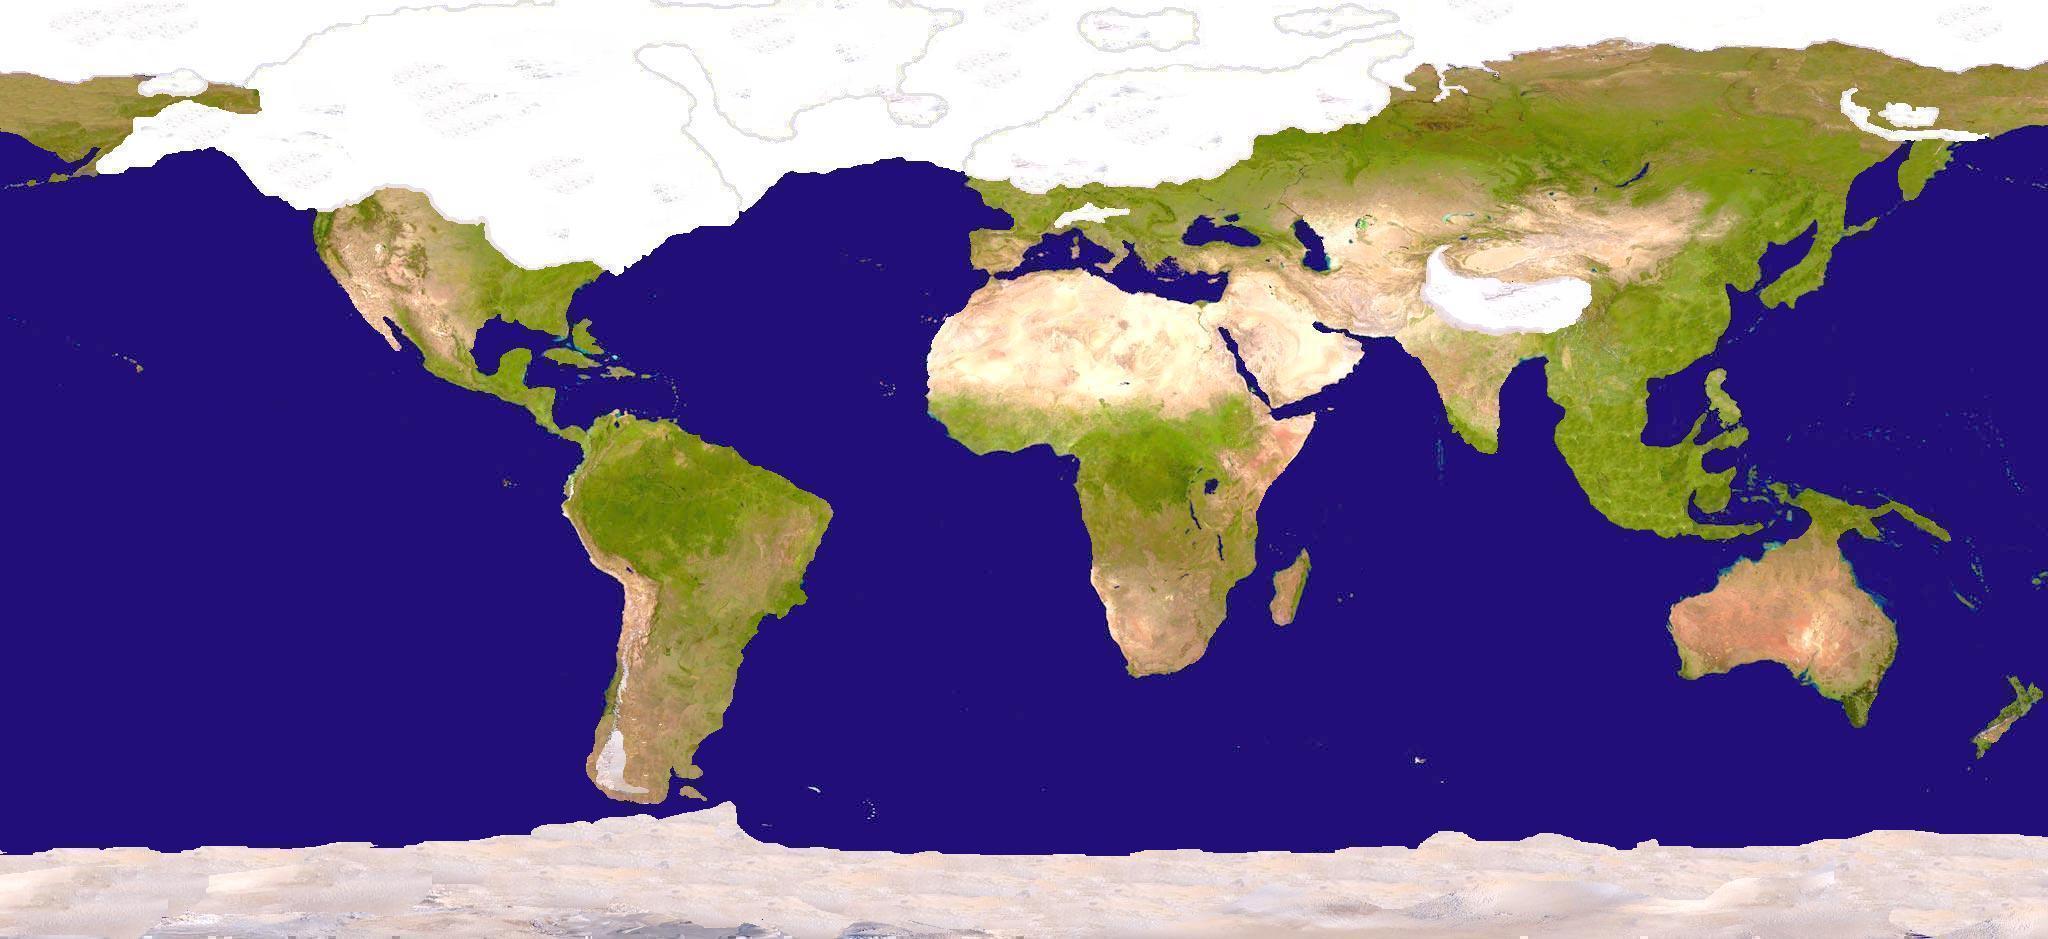 ice_age_world_map_by_fenn_o_manic-d377v8e